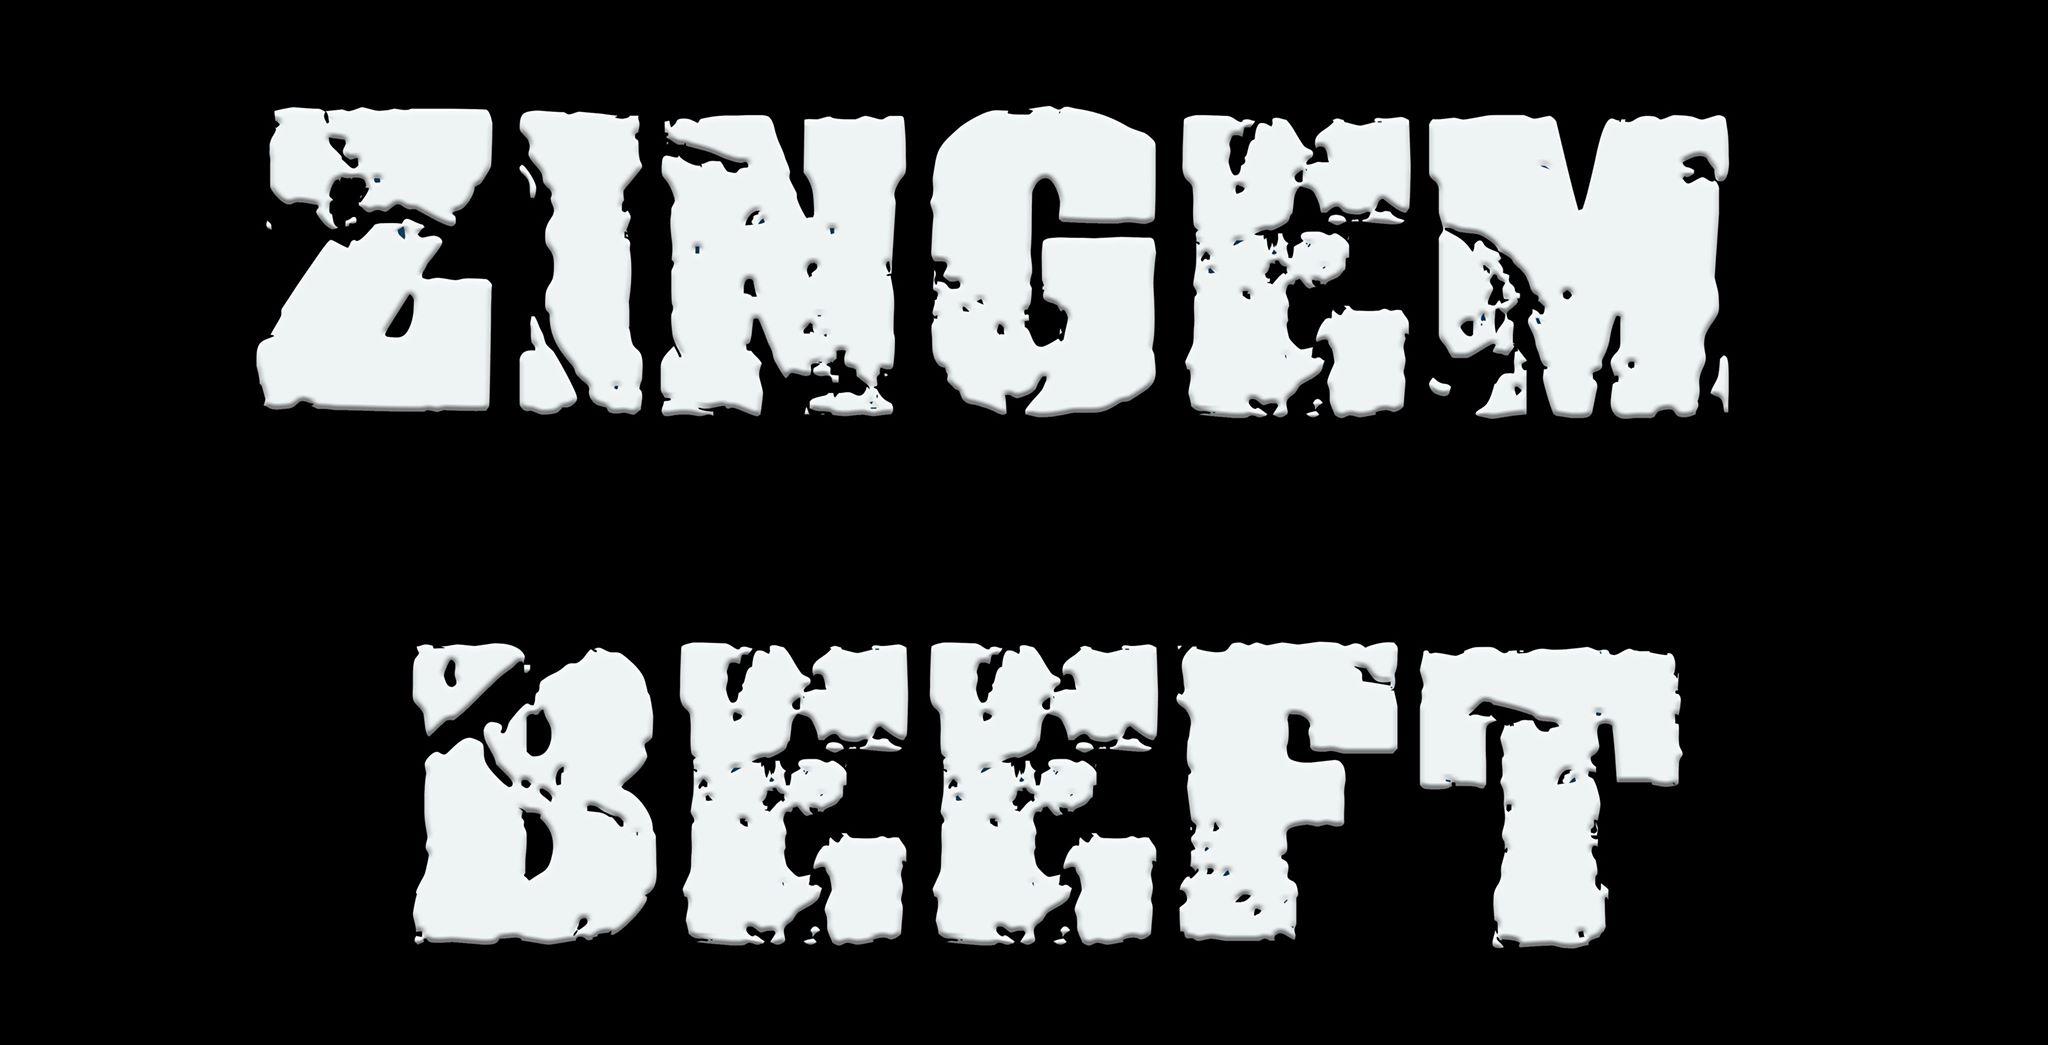 Affiche van Zingem Beeft compleet